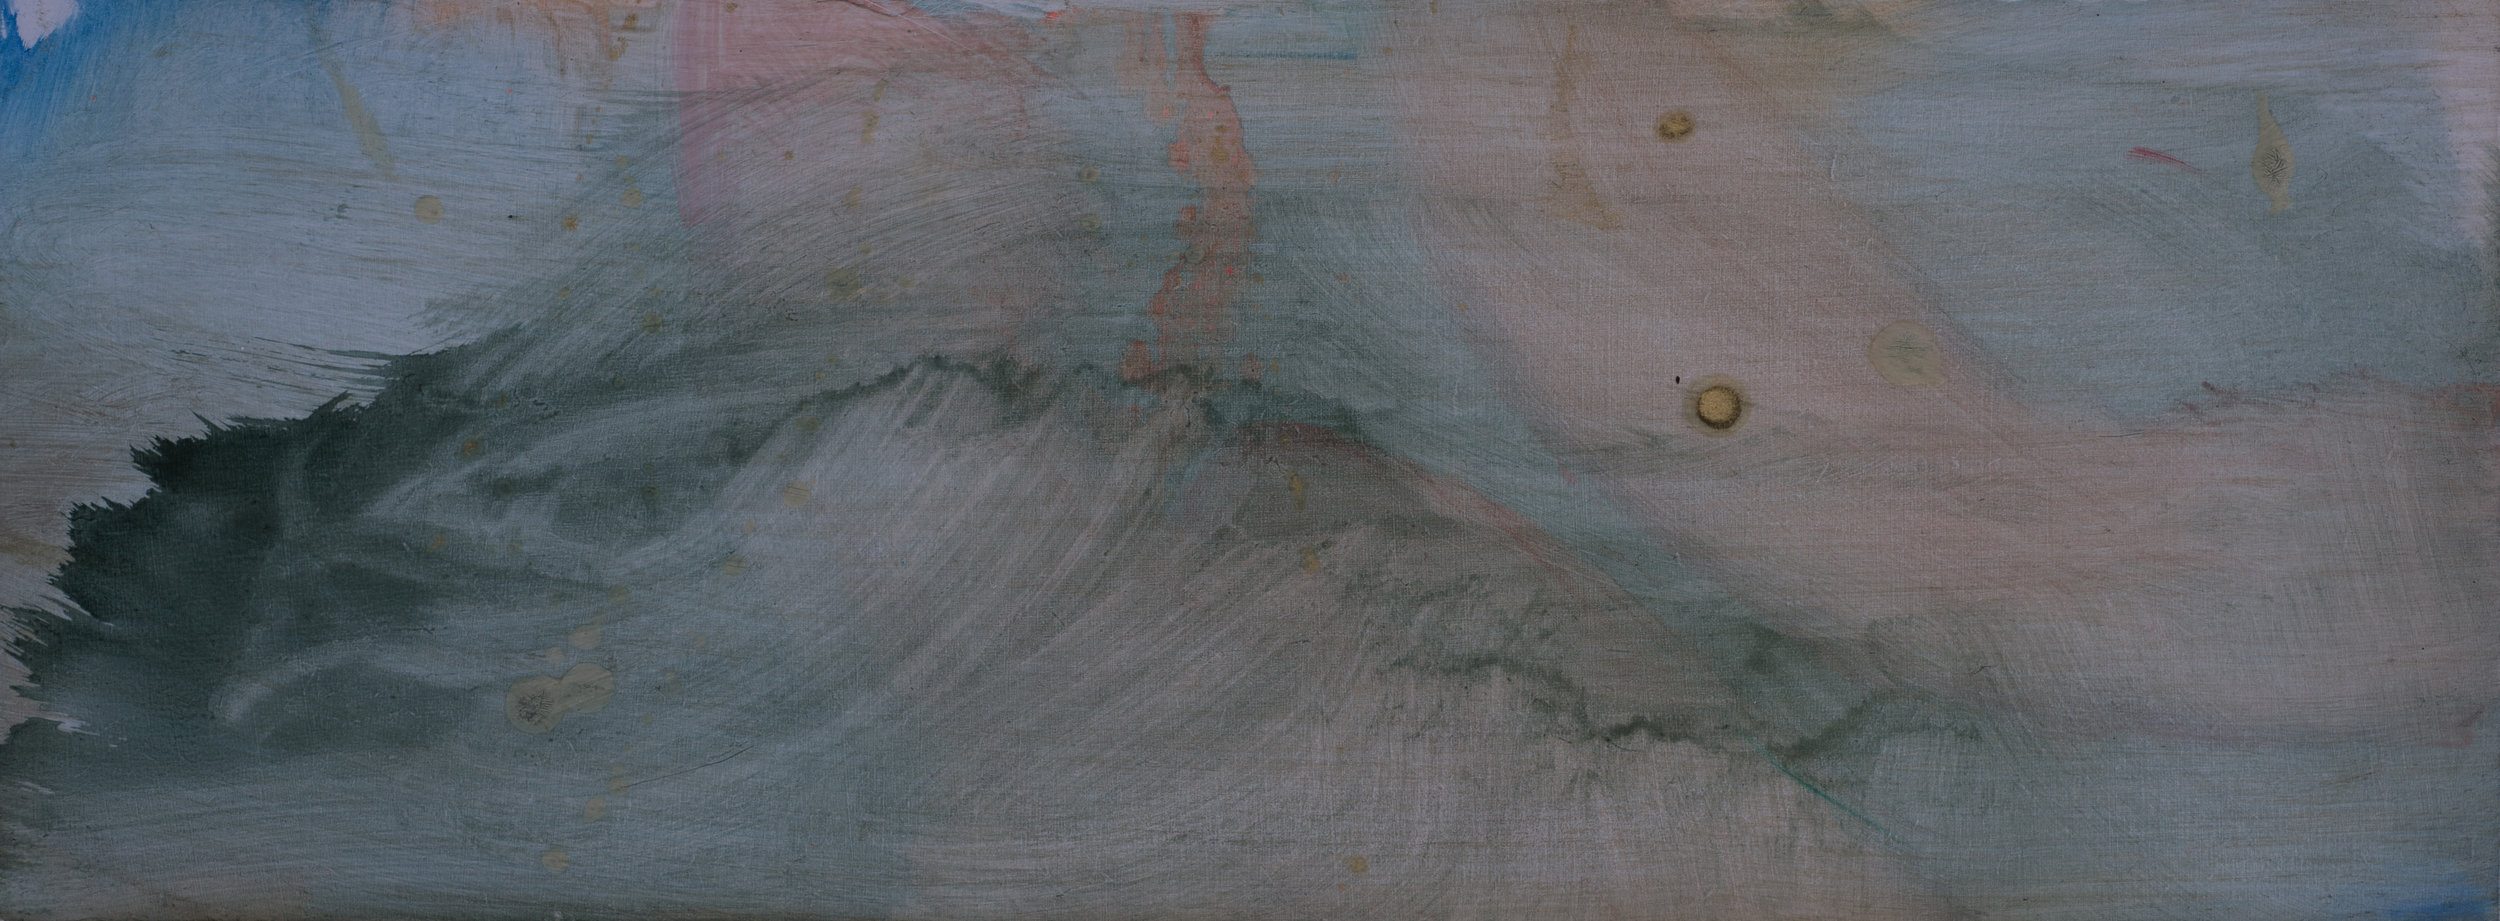 Little Epic Seascape  43 x 16 cm                 oil on panel.jpg